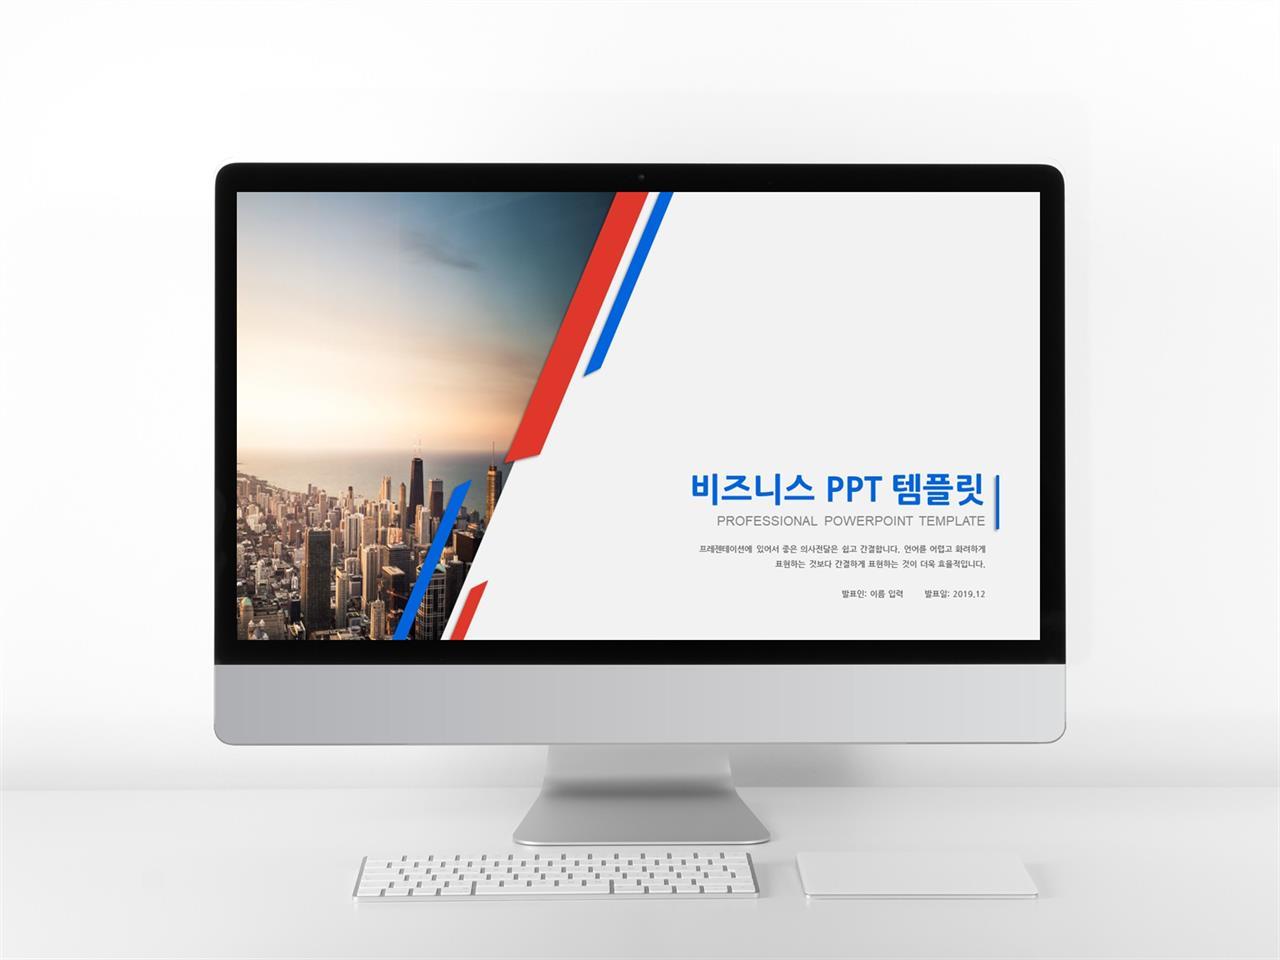 비즈니스 파란색 세련된 고급형 파워포인트탬플릿 디자인 미리보기